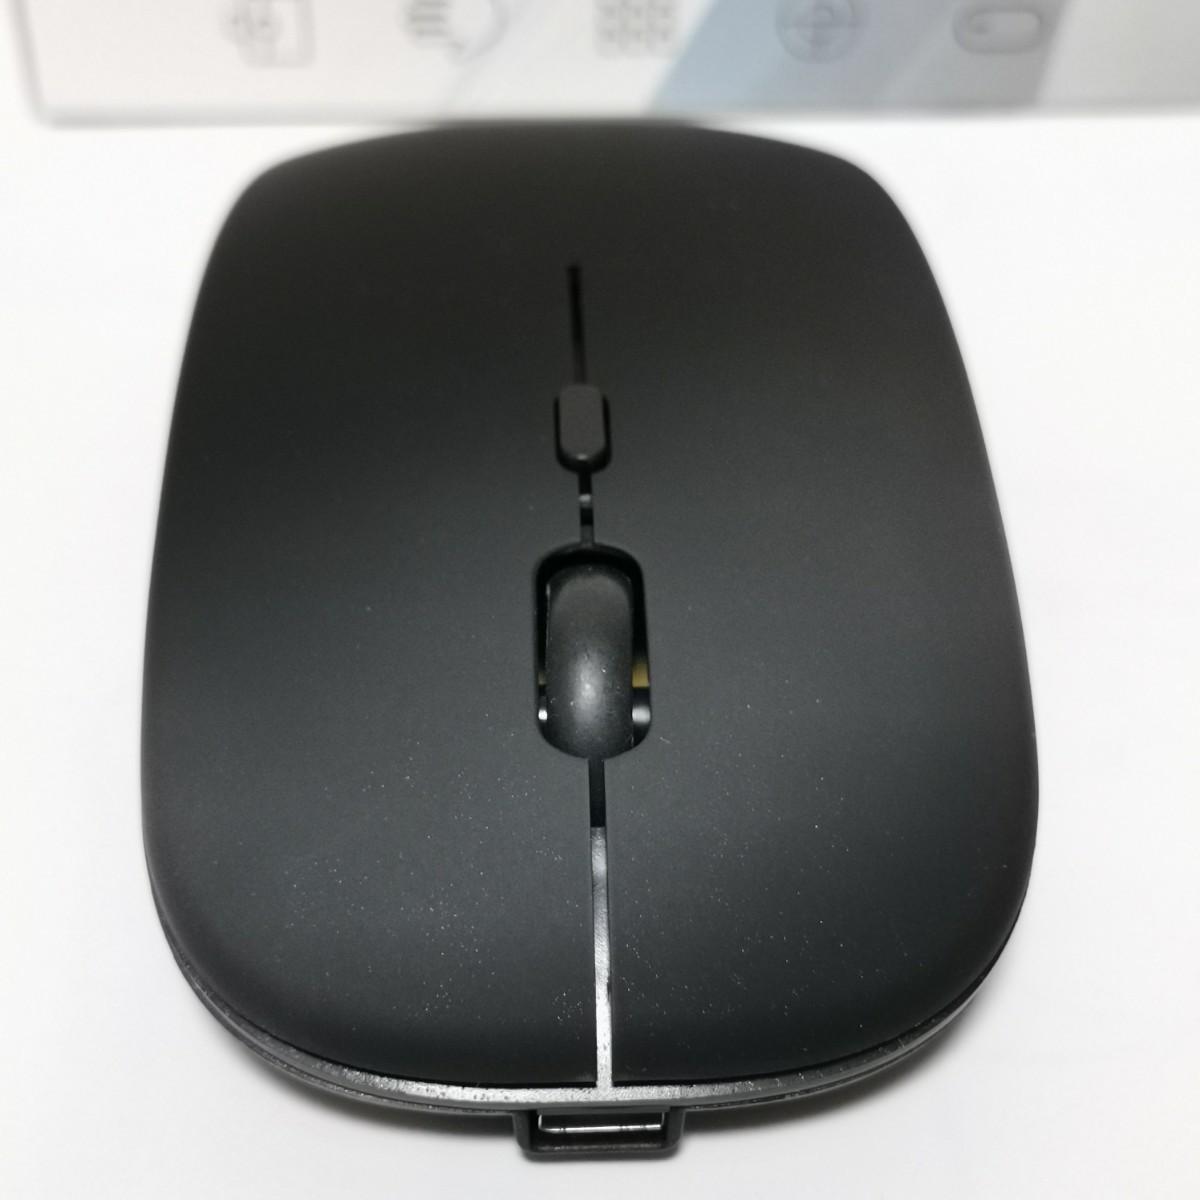 ワイヤレスマウス 無線マウス usb充電式